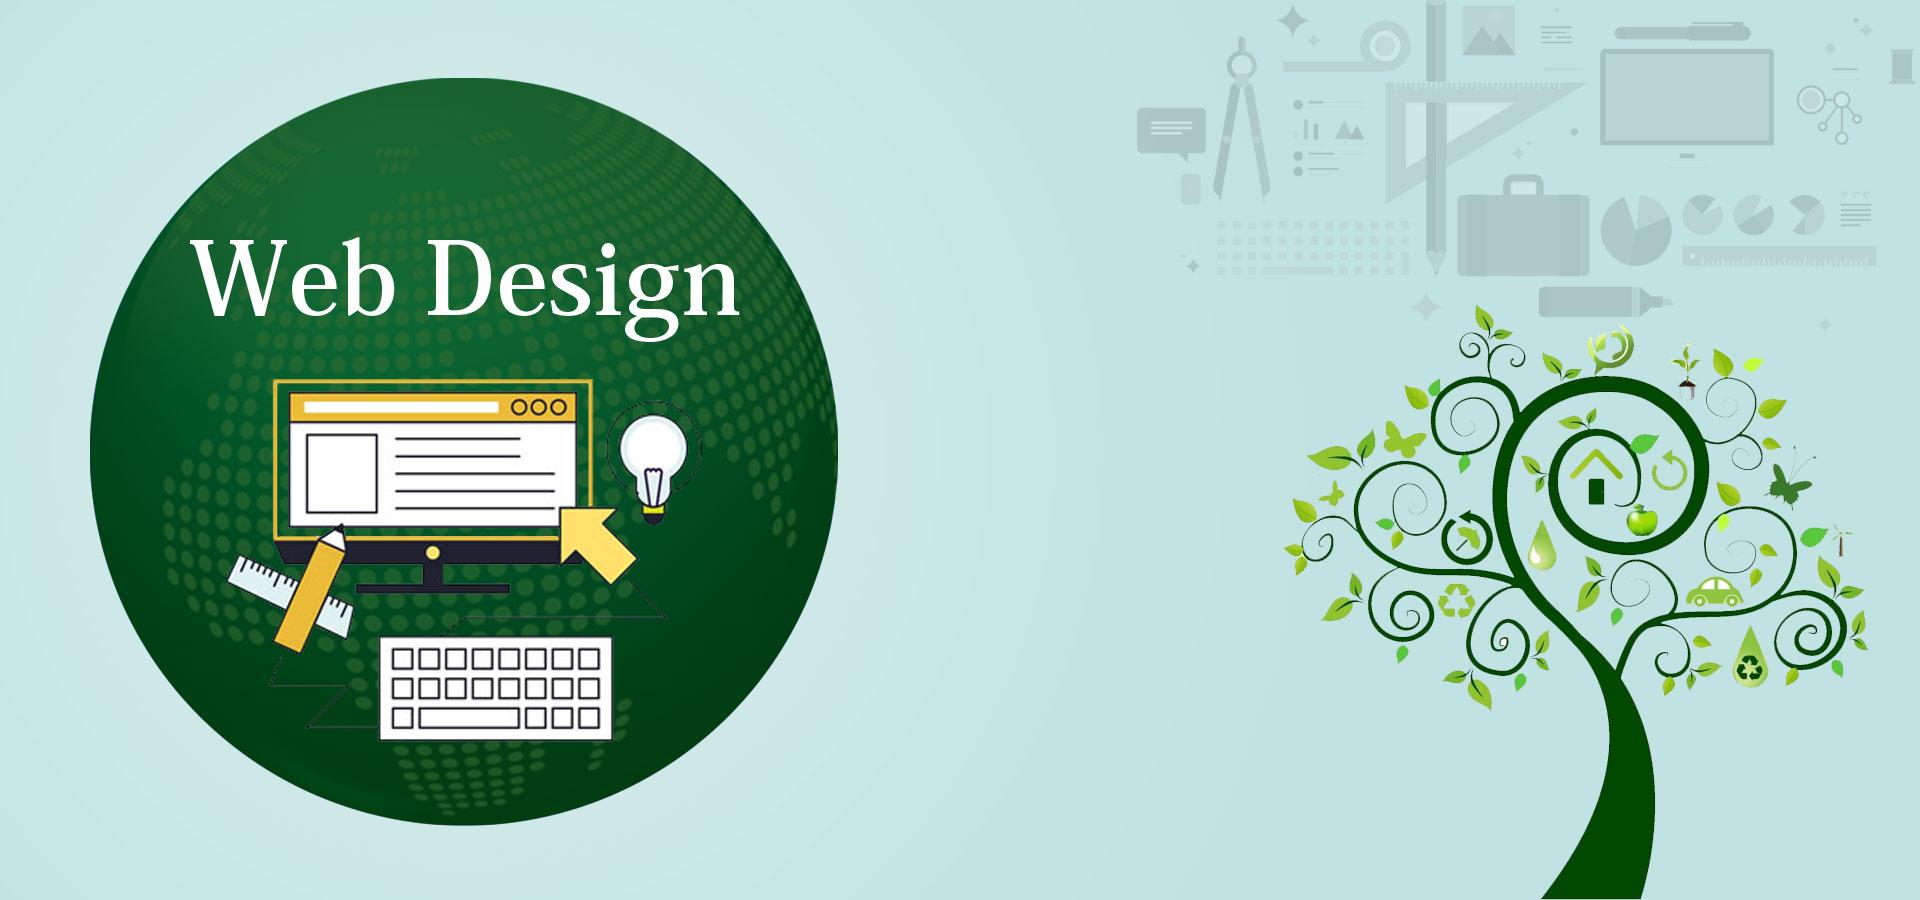 web design-1